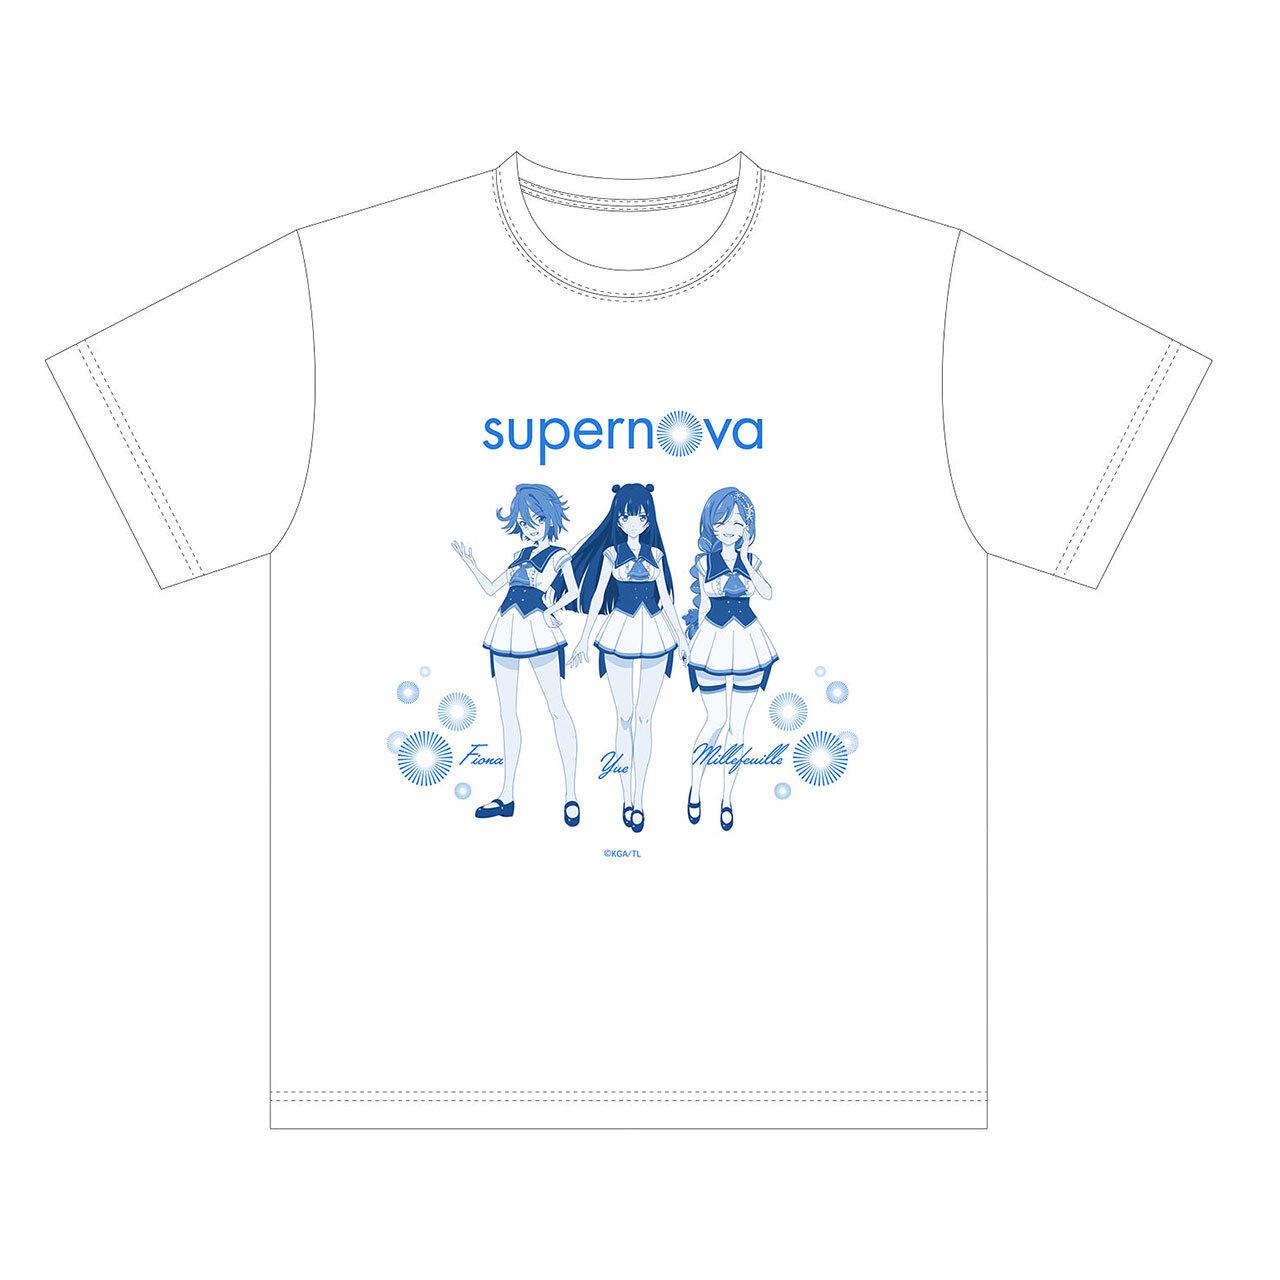 【4589839354677予】ラピスリライツ supernova Tシャツ 白/Mサイズ